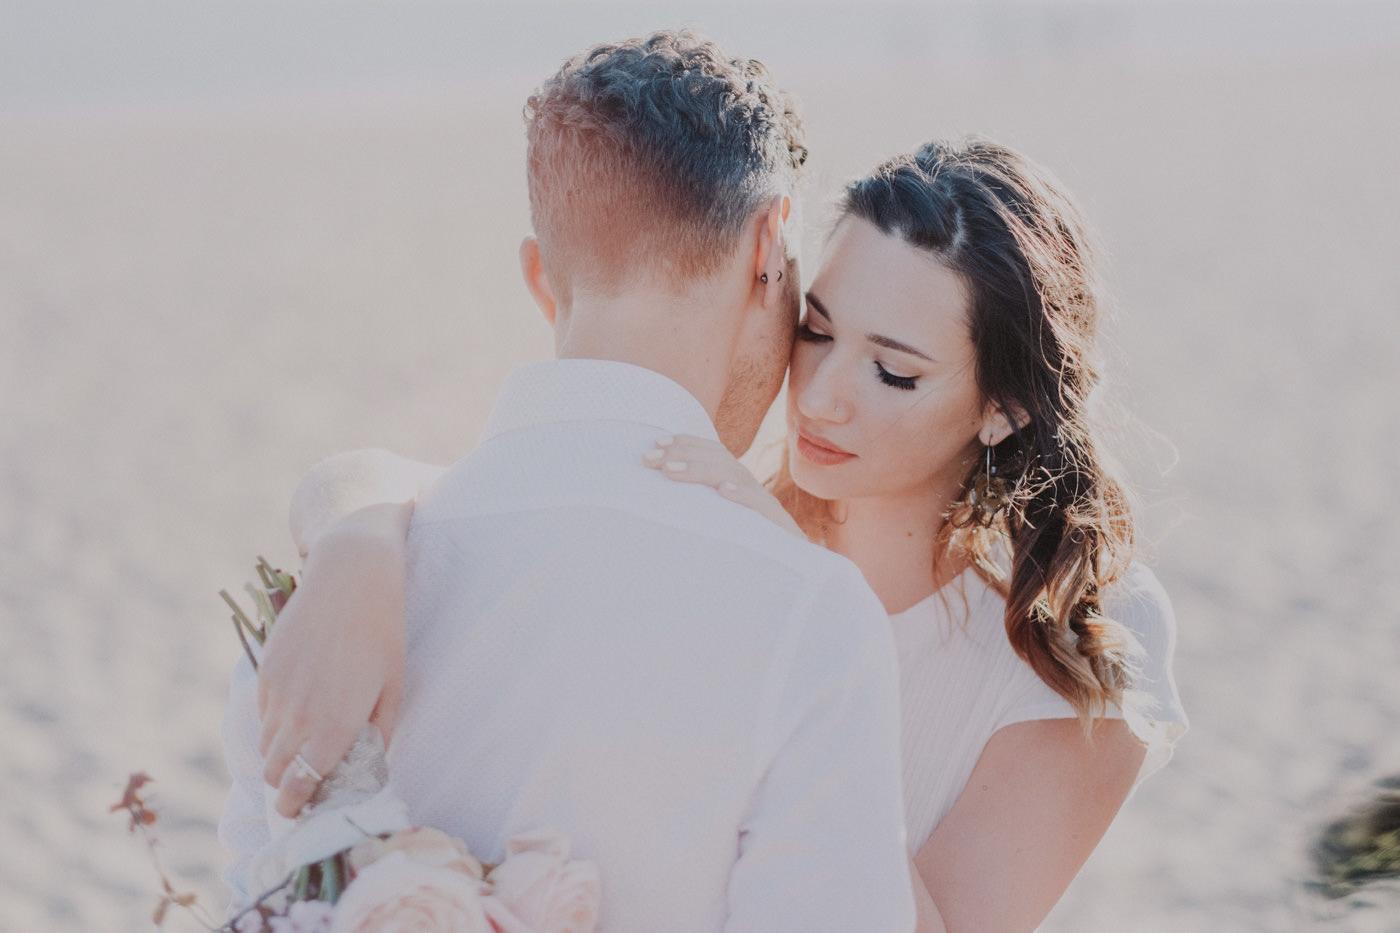 fotografo di matrimonio reportage di coppia-52.jpg